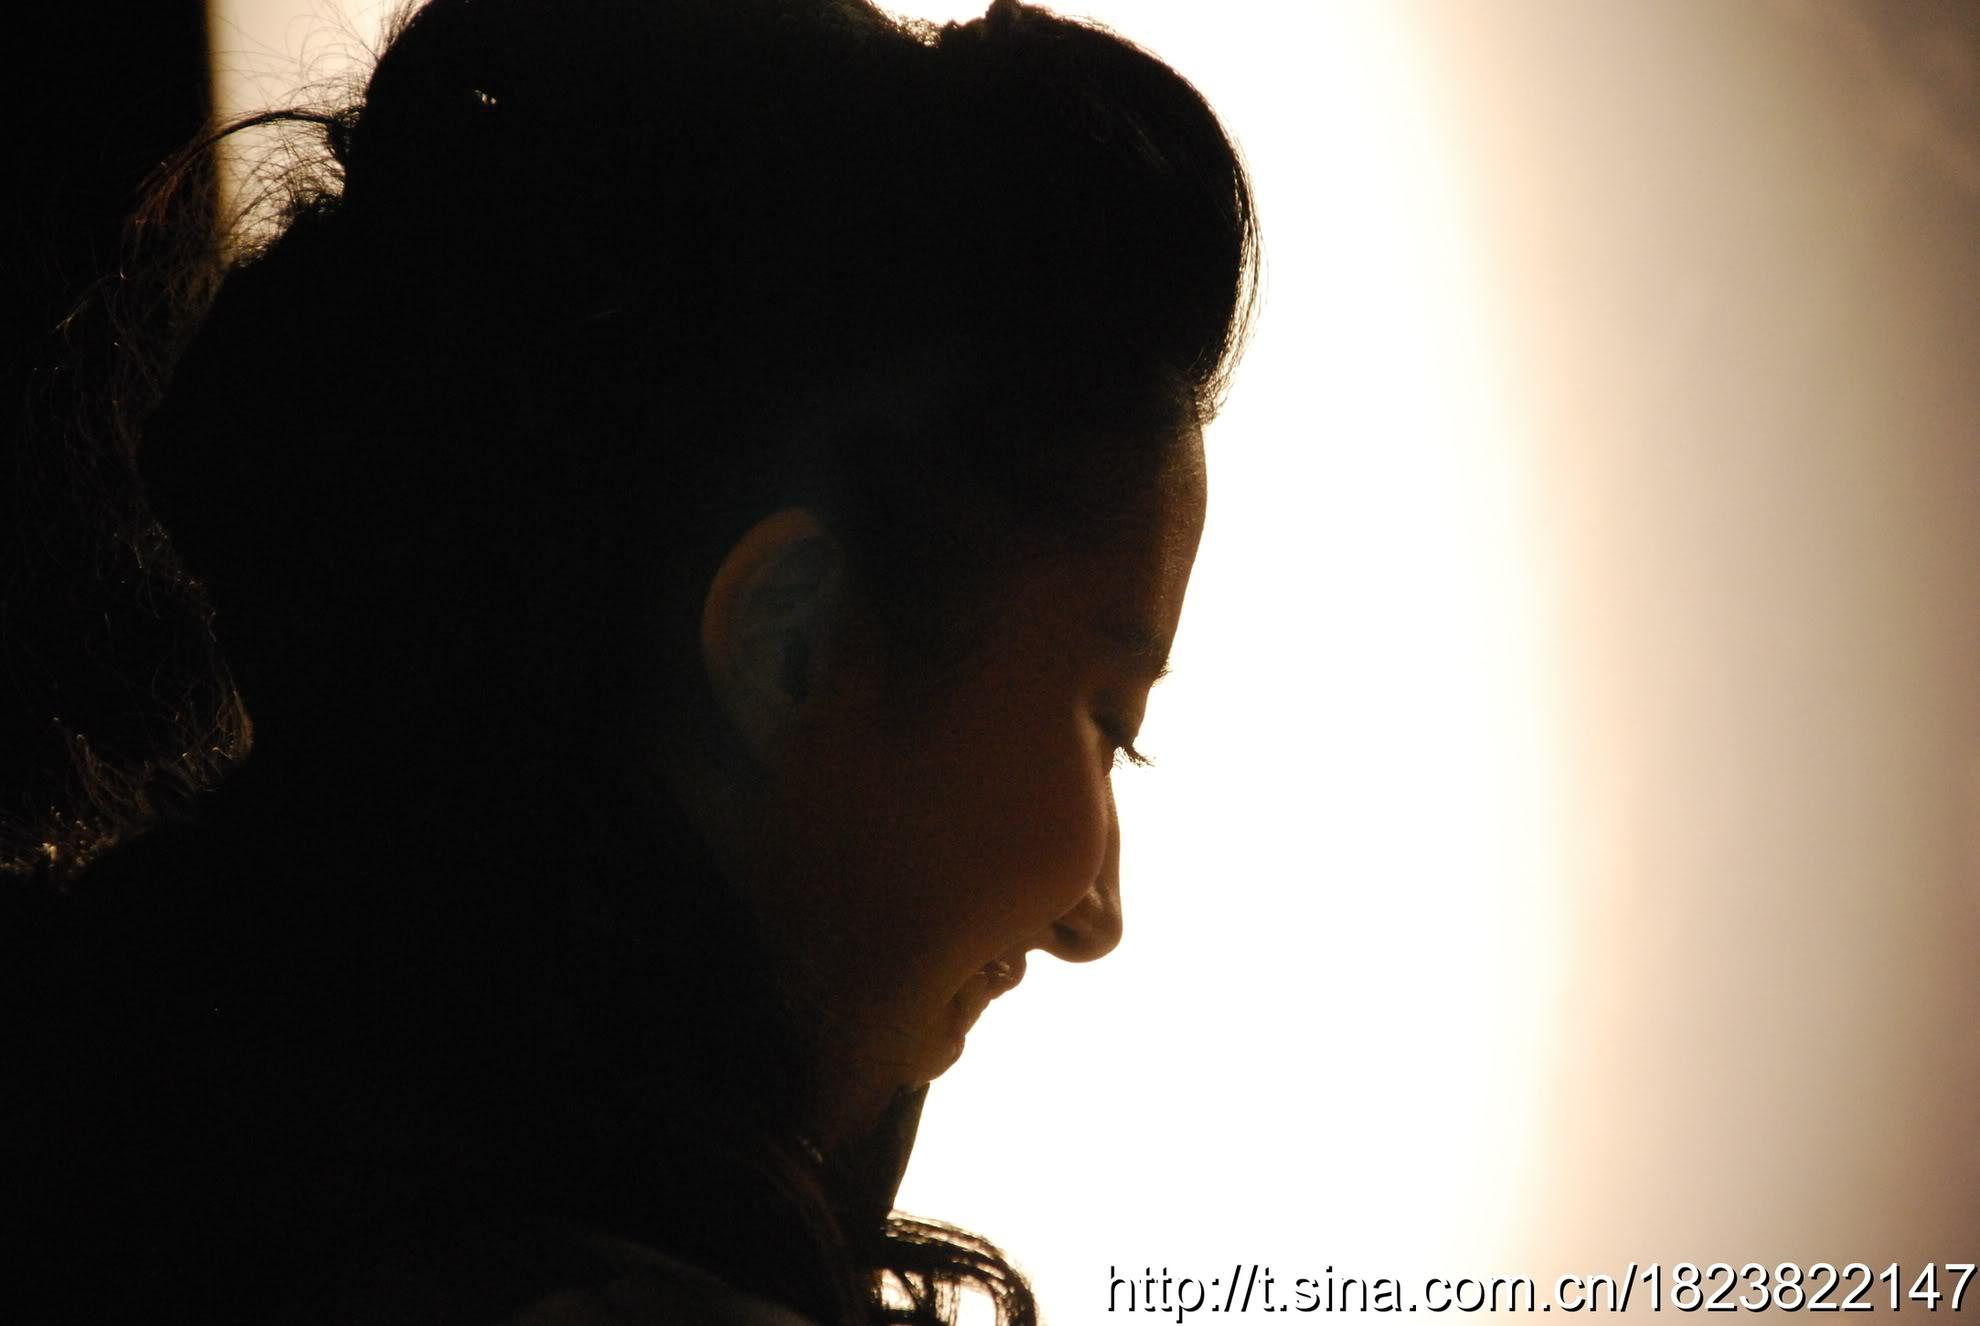 [2011] ถ่ายโฆษณาน้ำดื่ม Aersan_阿尔山 6cb55143t91358653cfa2690